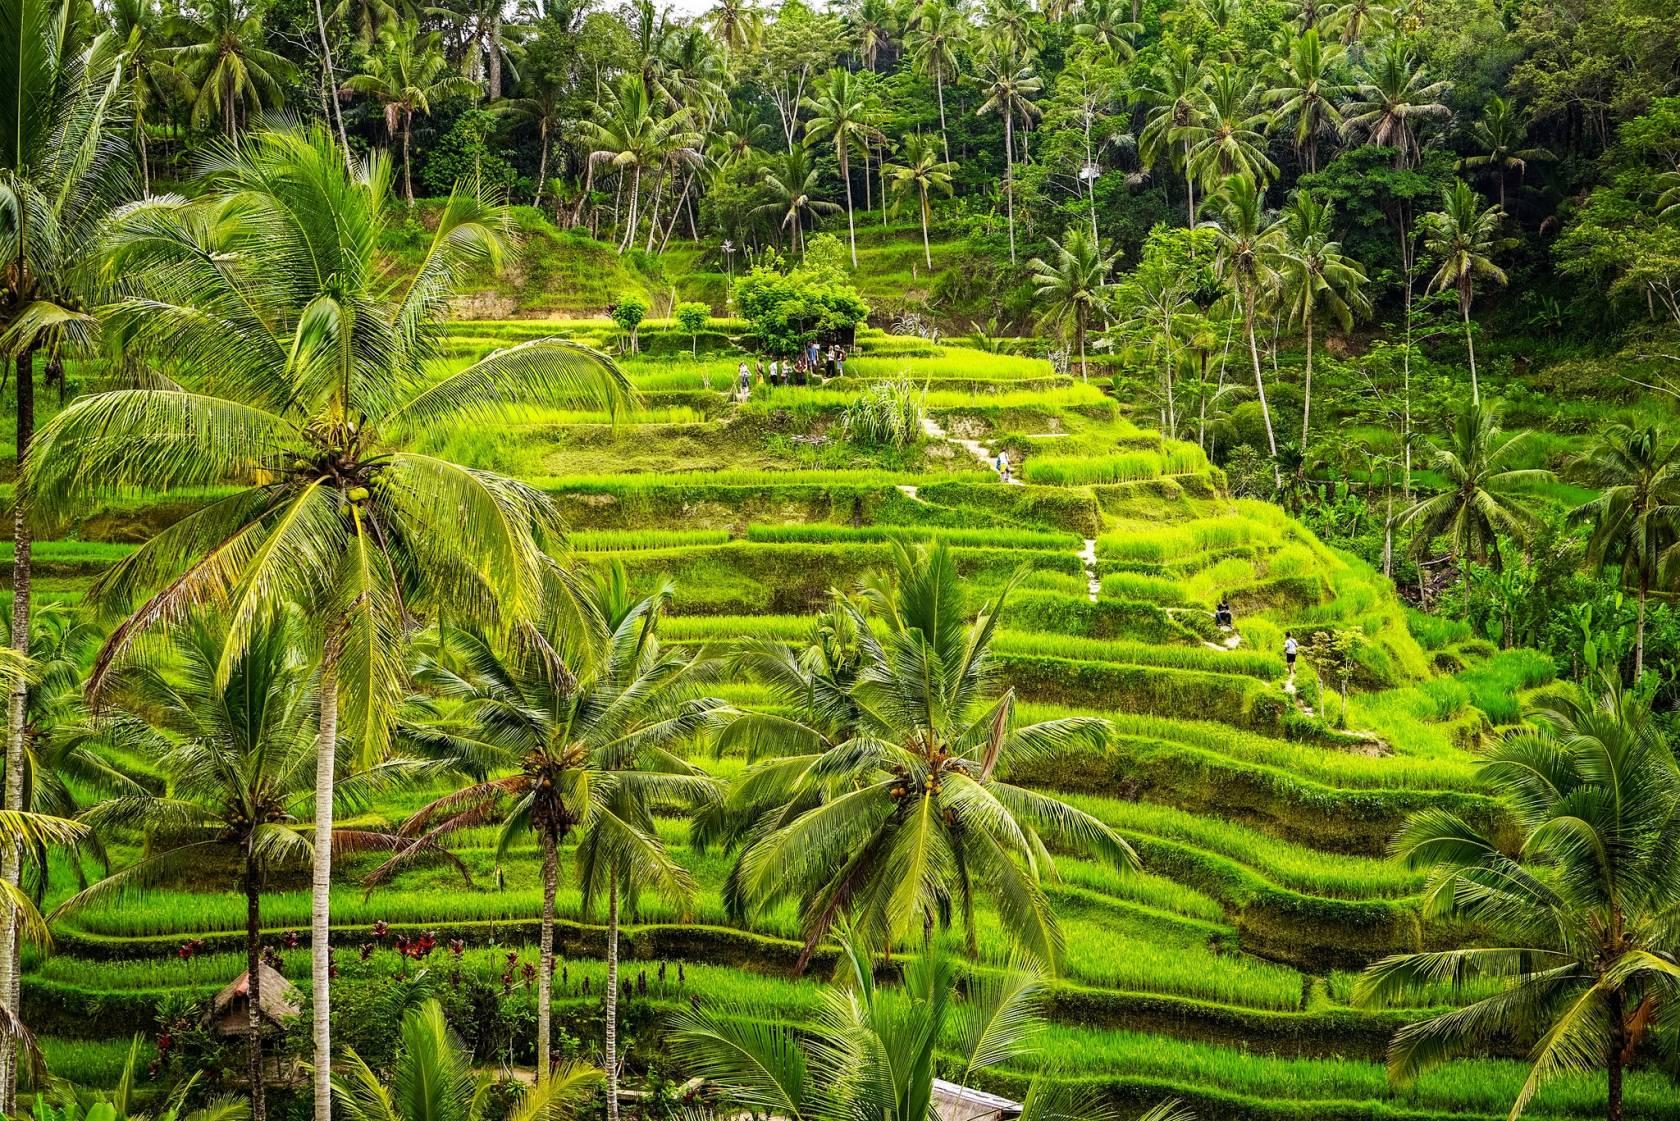 Bali rizières en terrasse